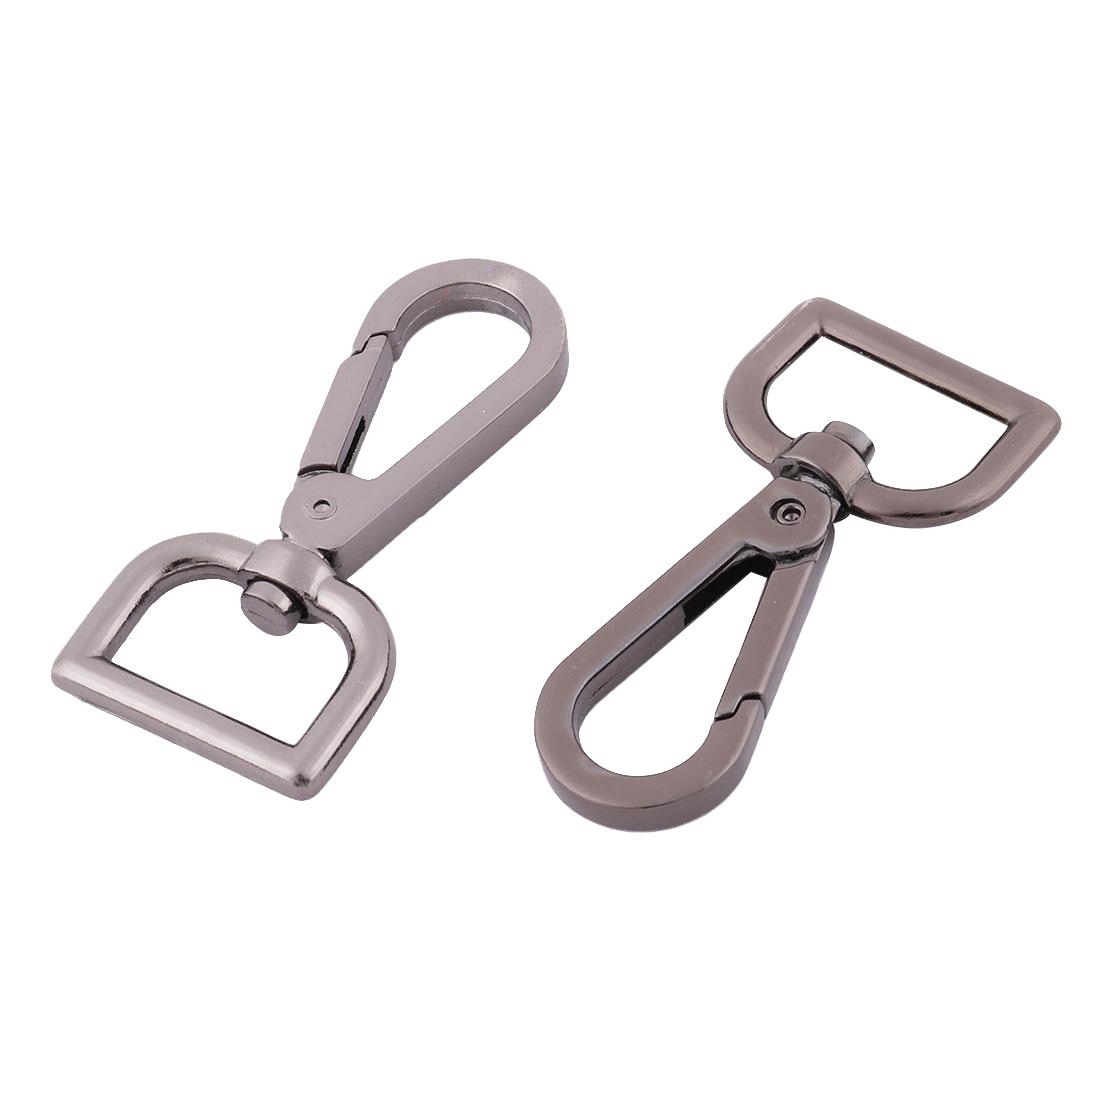 Bag Straps Pets Chain Connector Trigger Hook Titanium Color 2cm Fit Width 2 Pcs